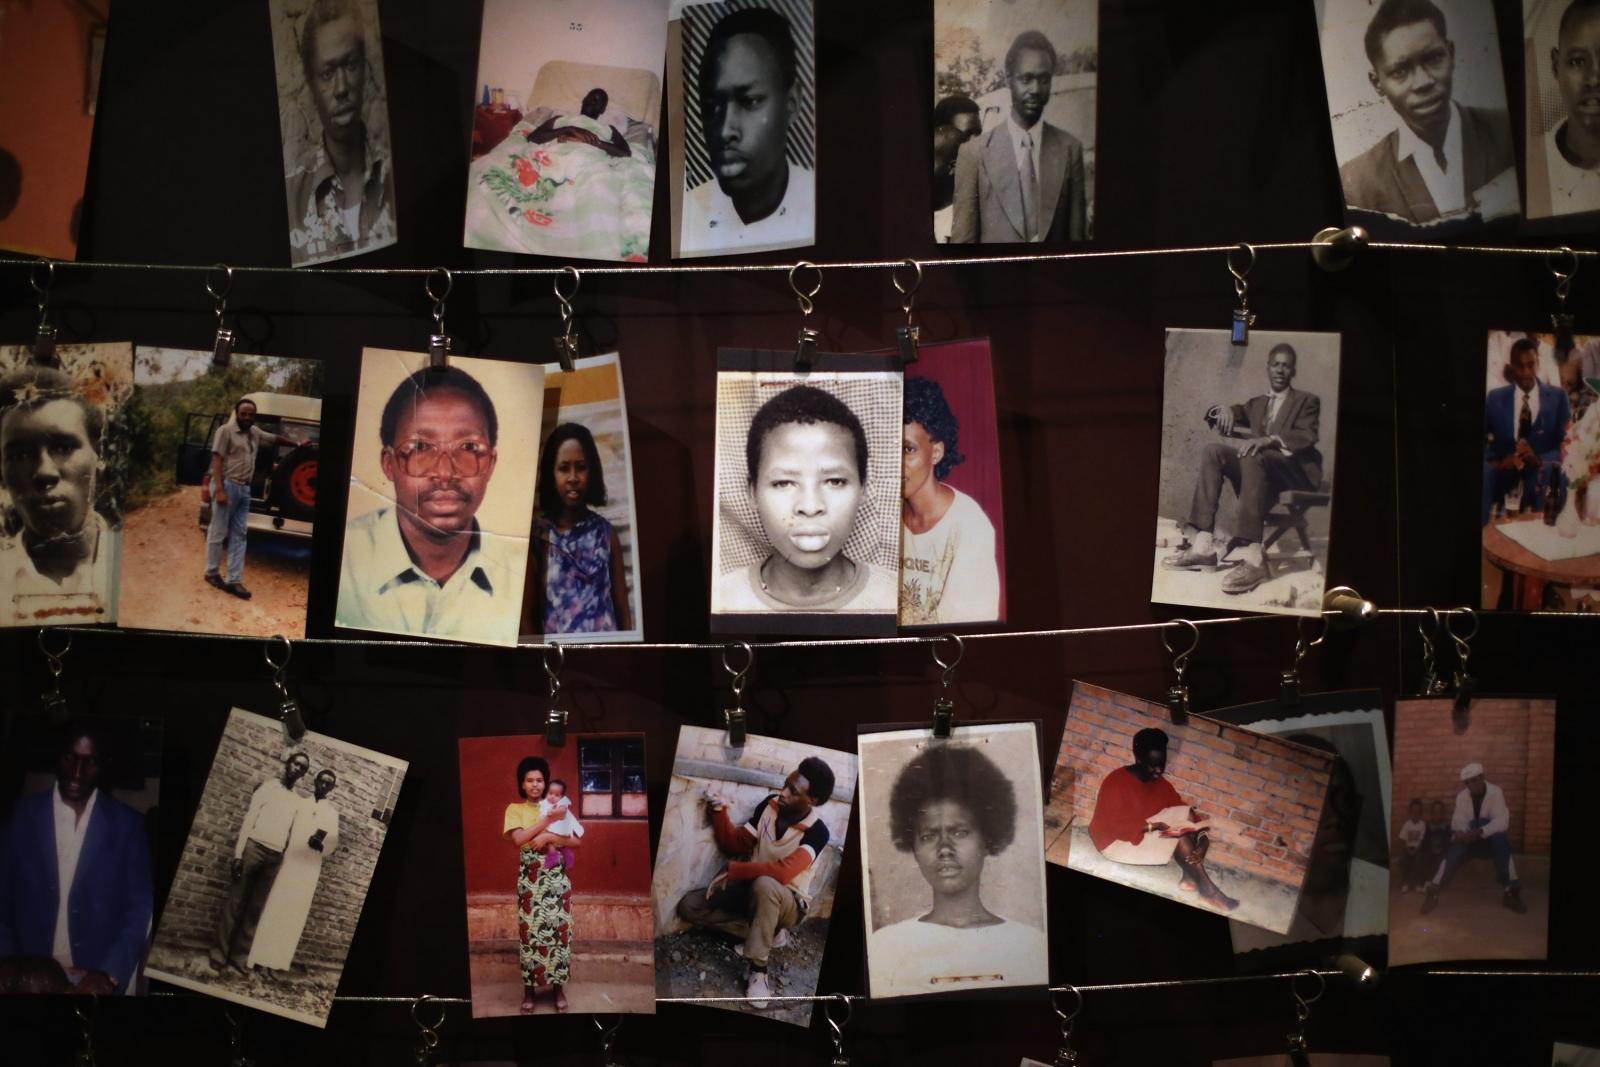 Rwanda genocide victims